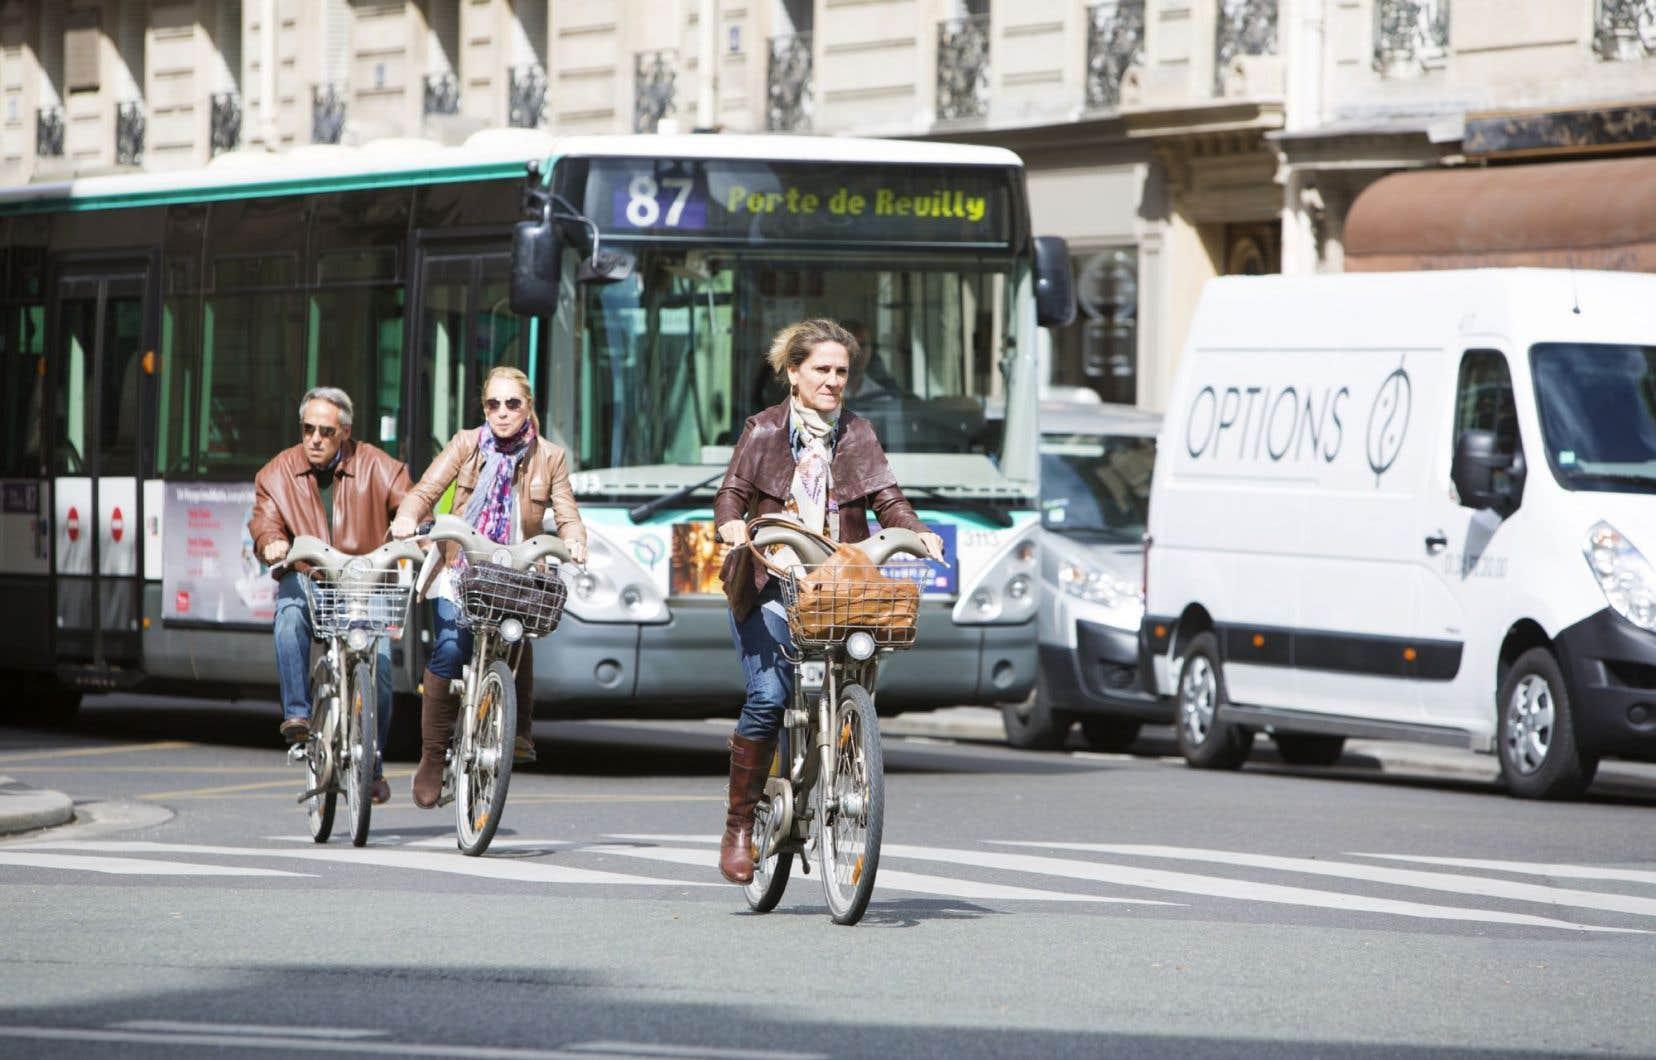 Sur le terrain, ce plan se traduira par la bonification du réseau cyclable, l'ajout d'infrastructures de stationnement et le renforcement de la «culture vélo».